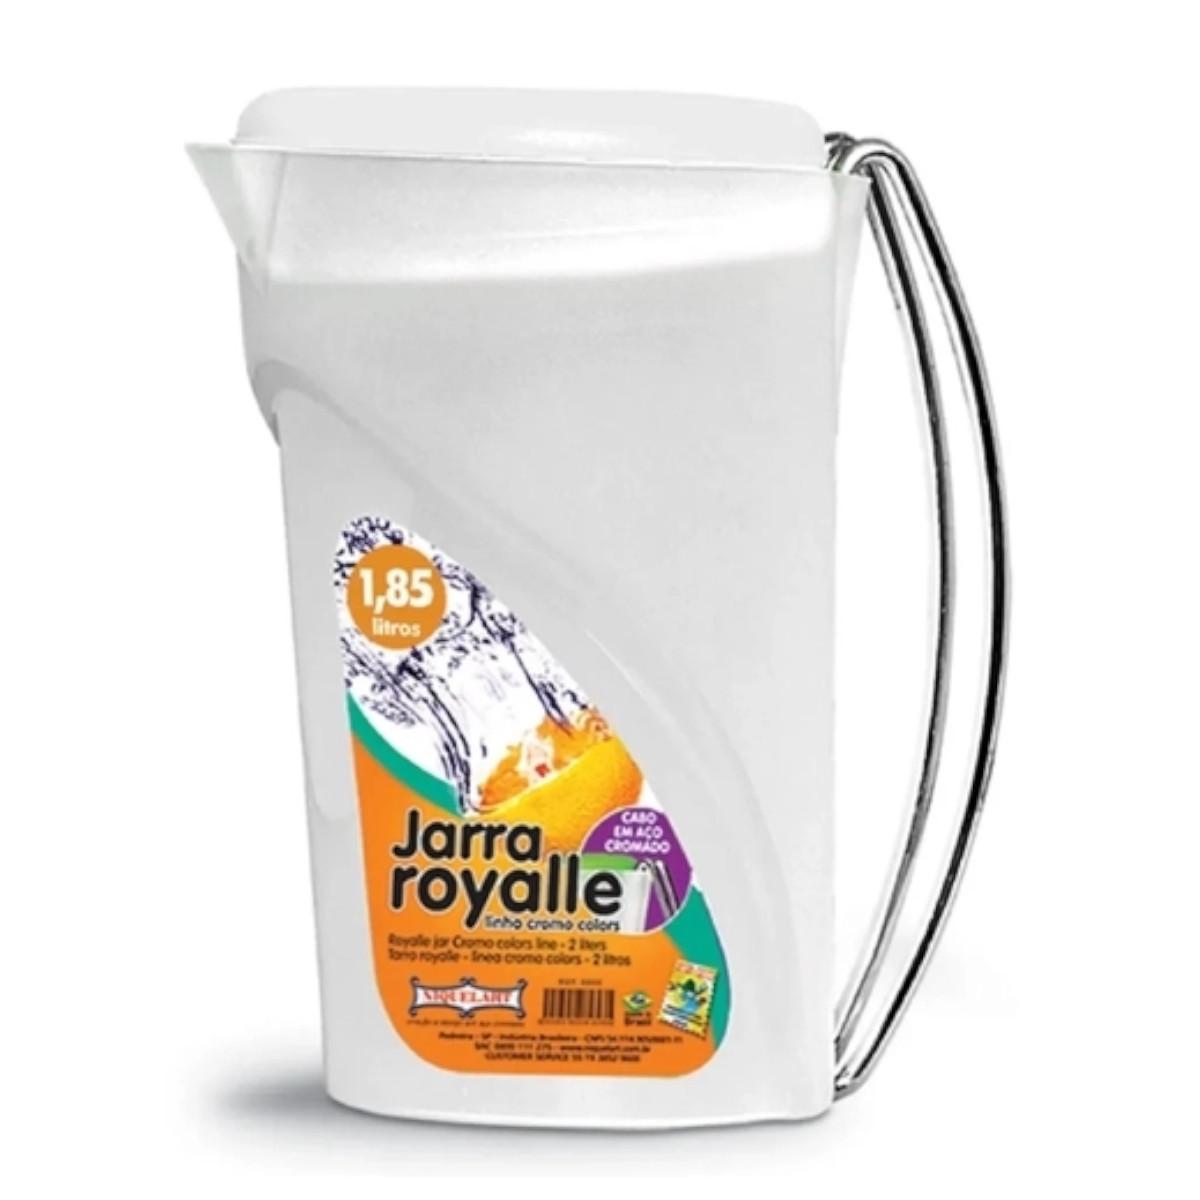 Jarra de Plástico Para Suco Royalle 1,85 Litros